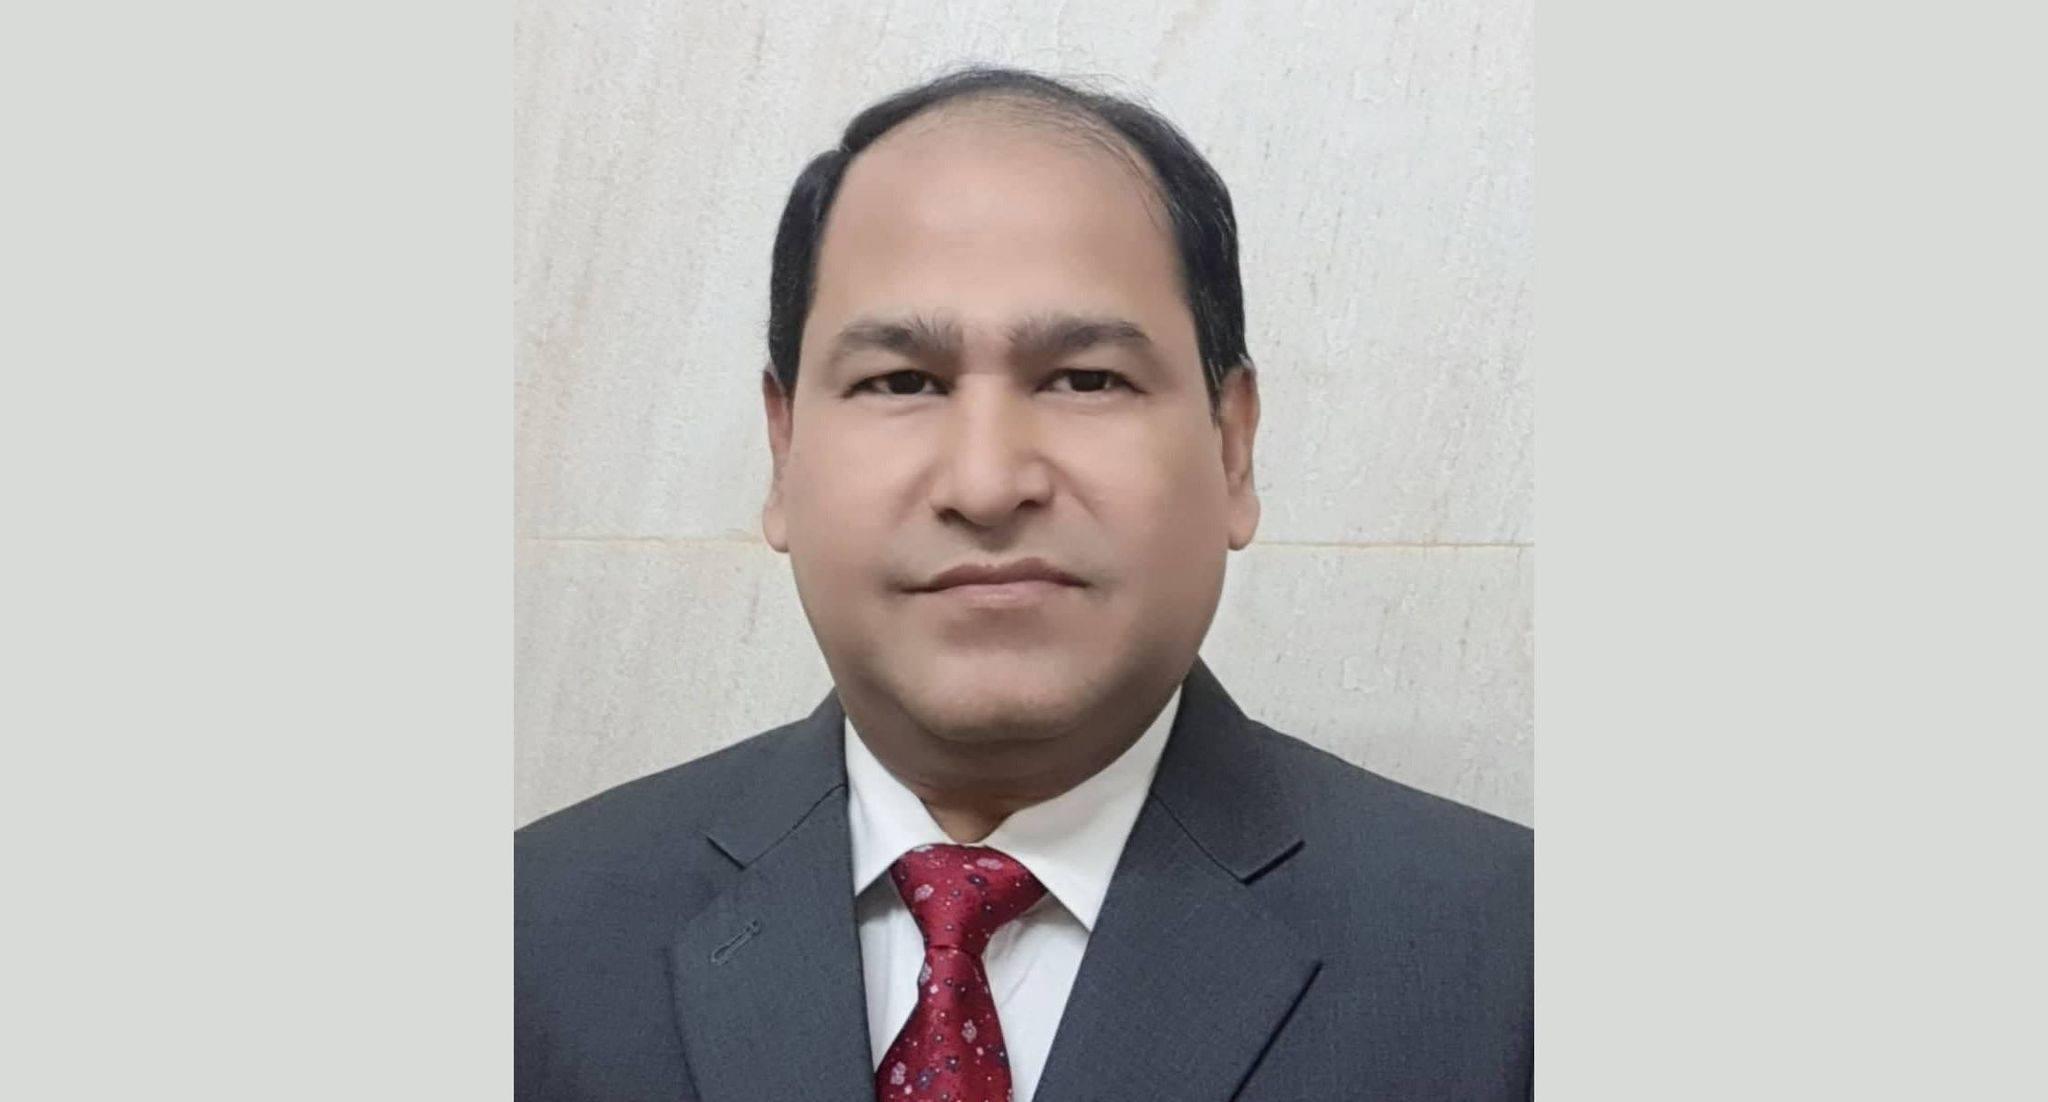 পার্বত্য চট্টগ্রাম শান্তিচুক্তির ২৩ বছর পাহাড়ে শান্তির সুবাতাস : মোহাম্মদ খায়রুল বশার